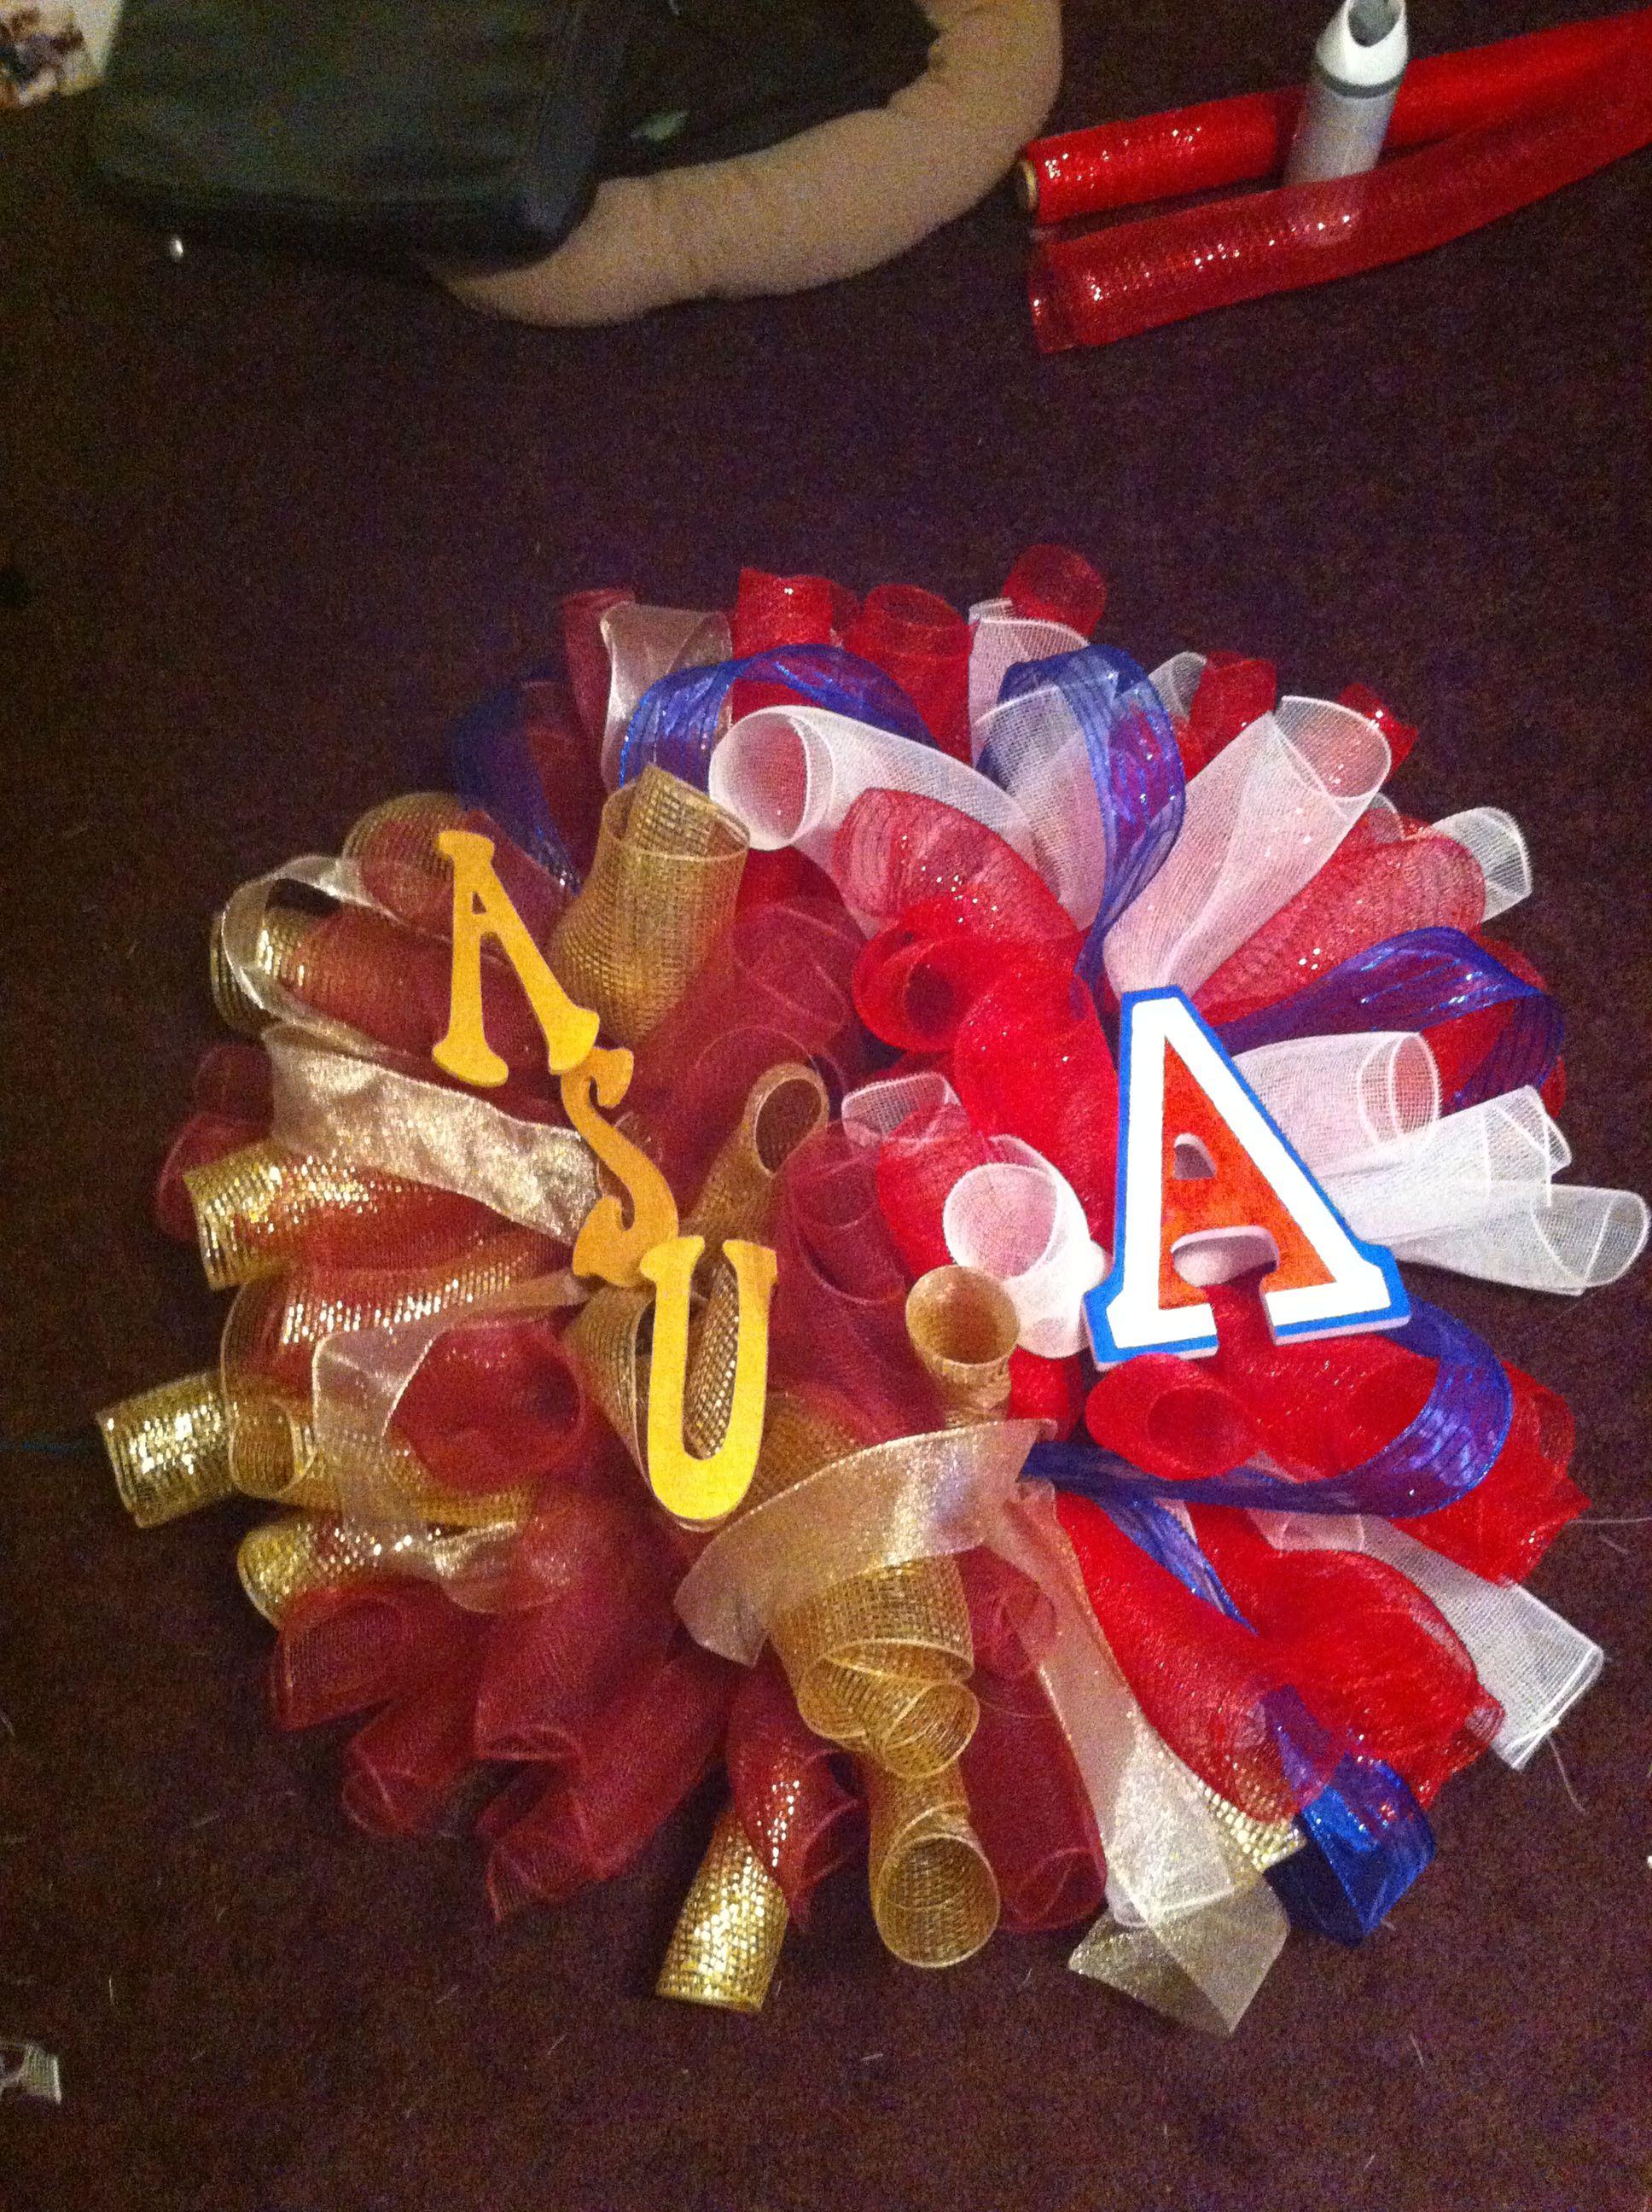 ASU Sun Devils Merry Christmas Wreath Decorative Holiday Wreath House Flag